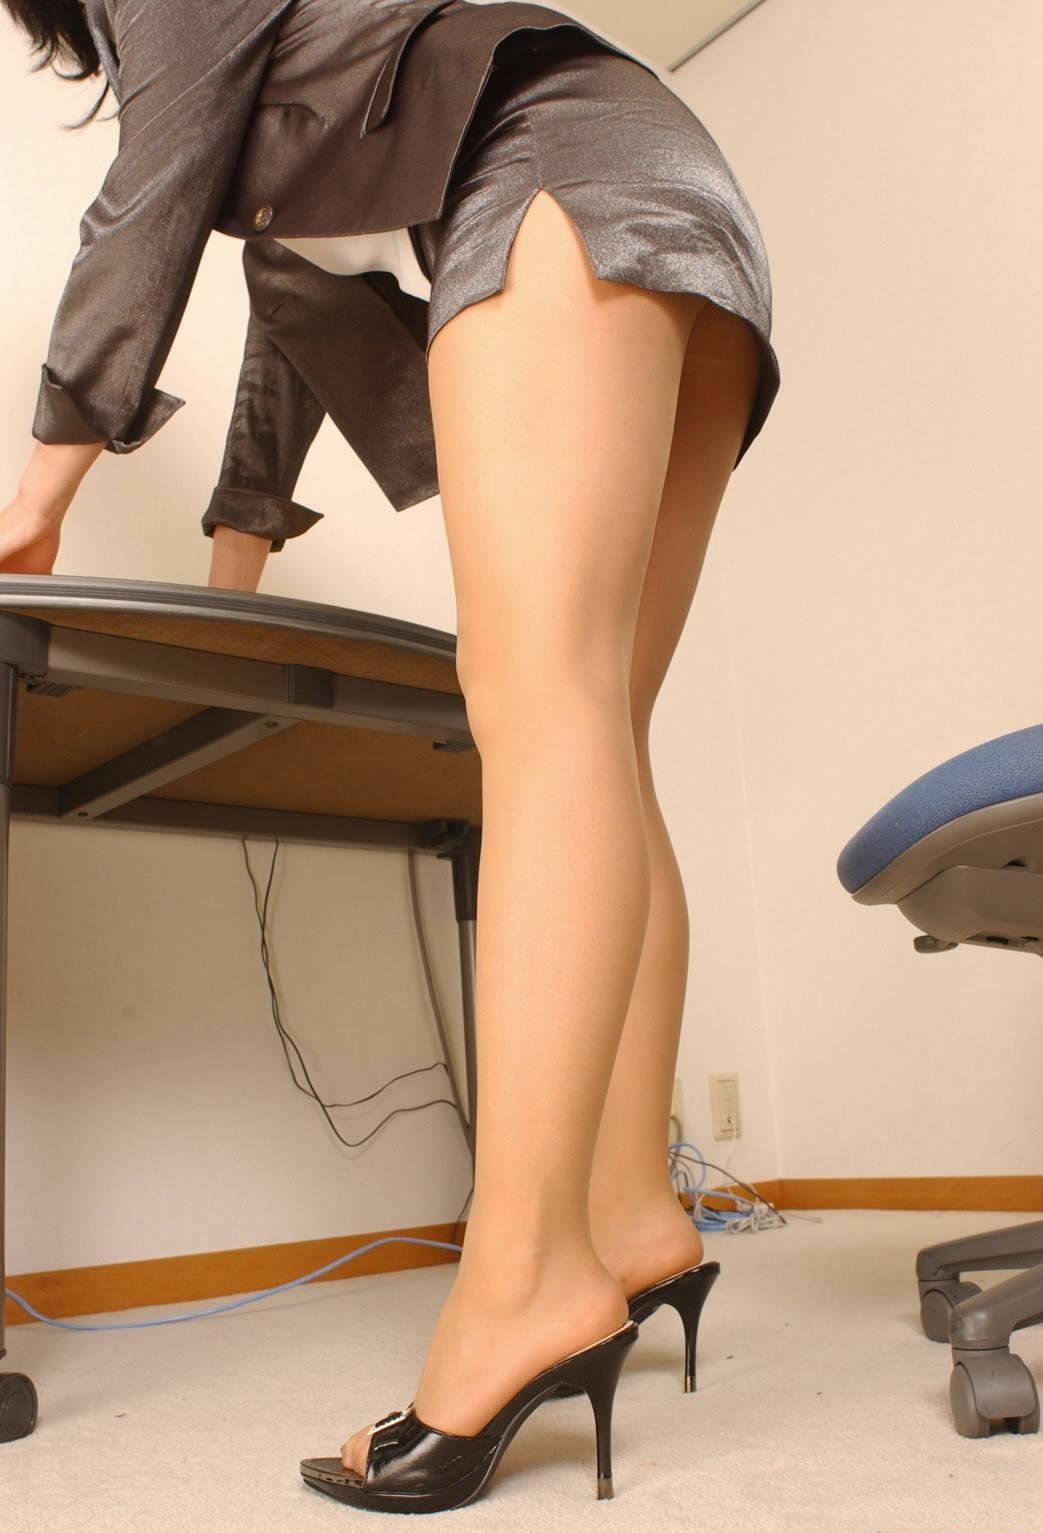 【ヒール美脚エロ画像】足蹴にされながら見上げるのが理想w鋭いヒールがよく似合う美脚www 20